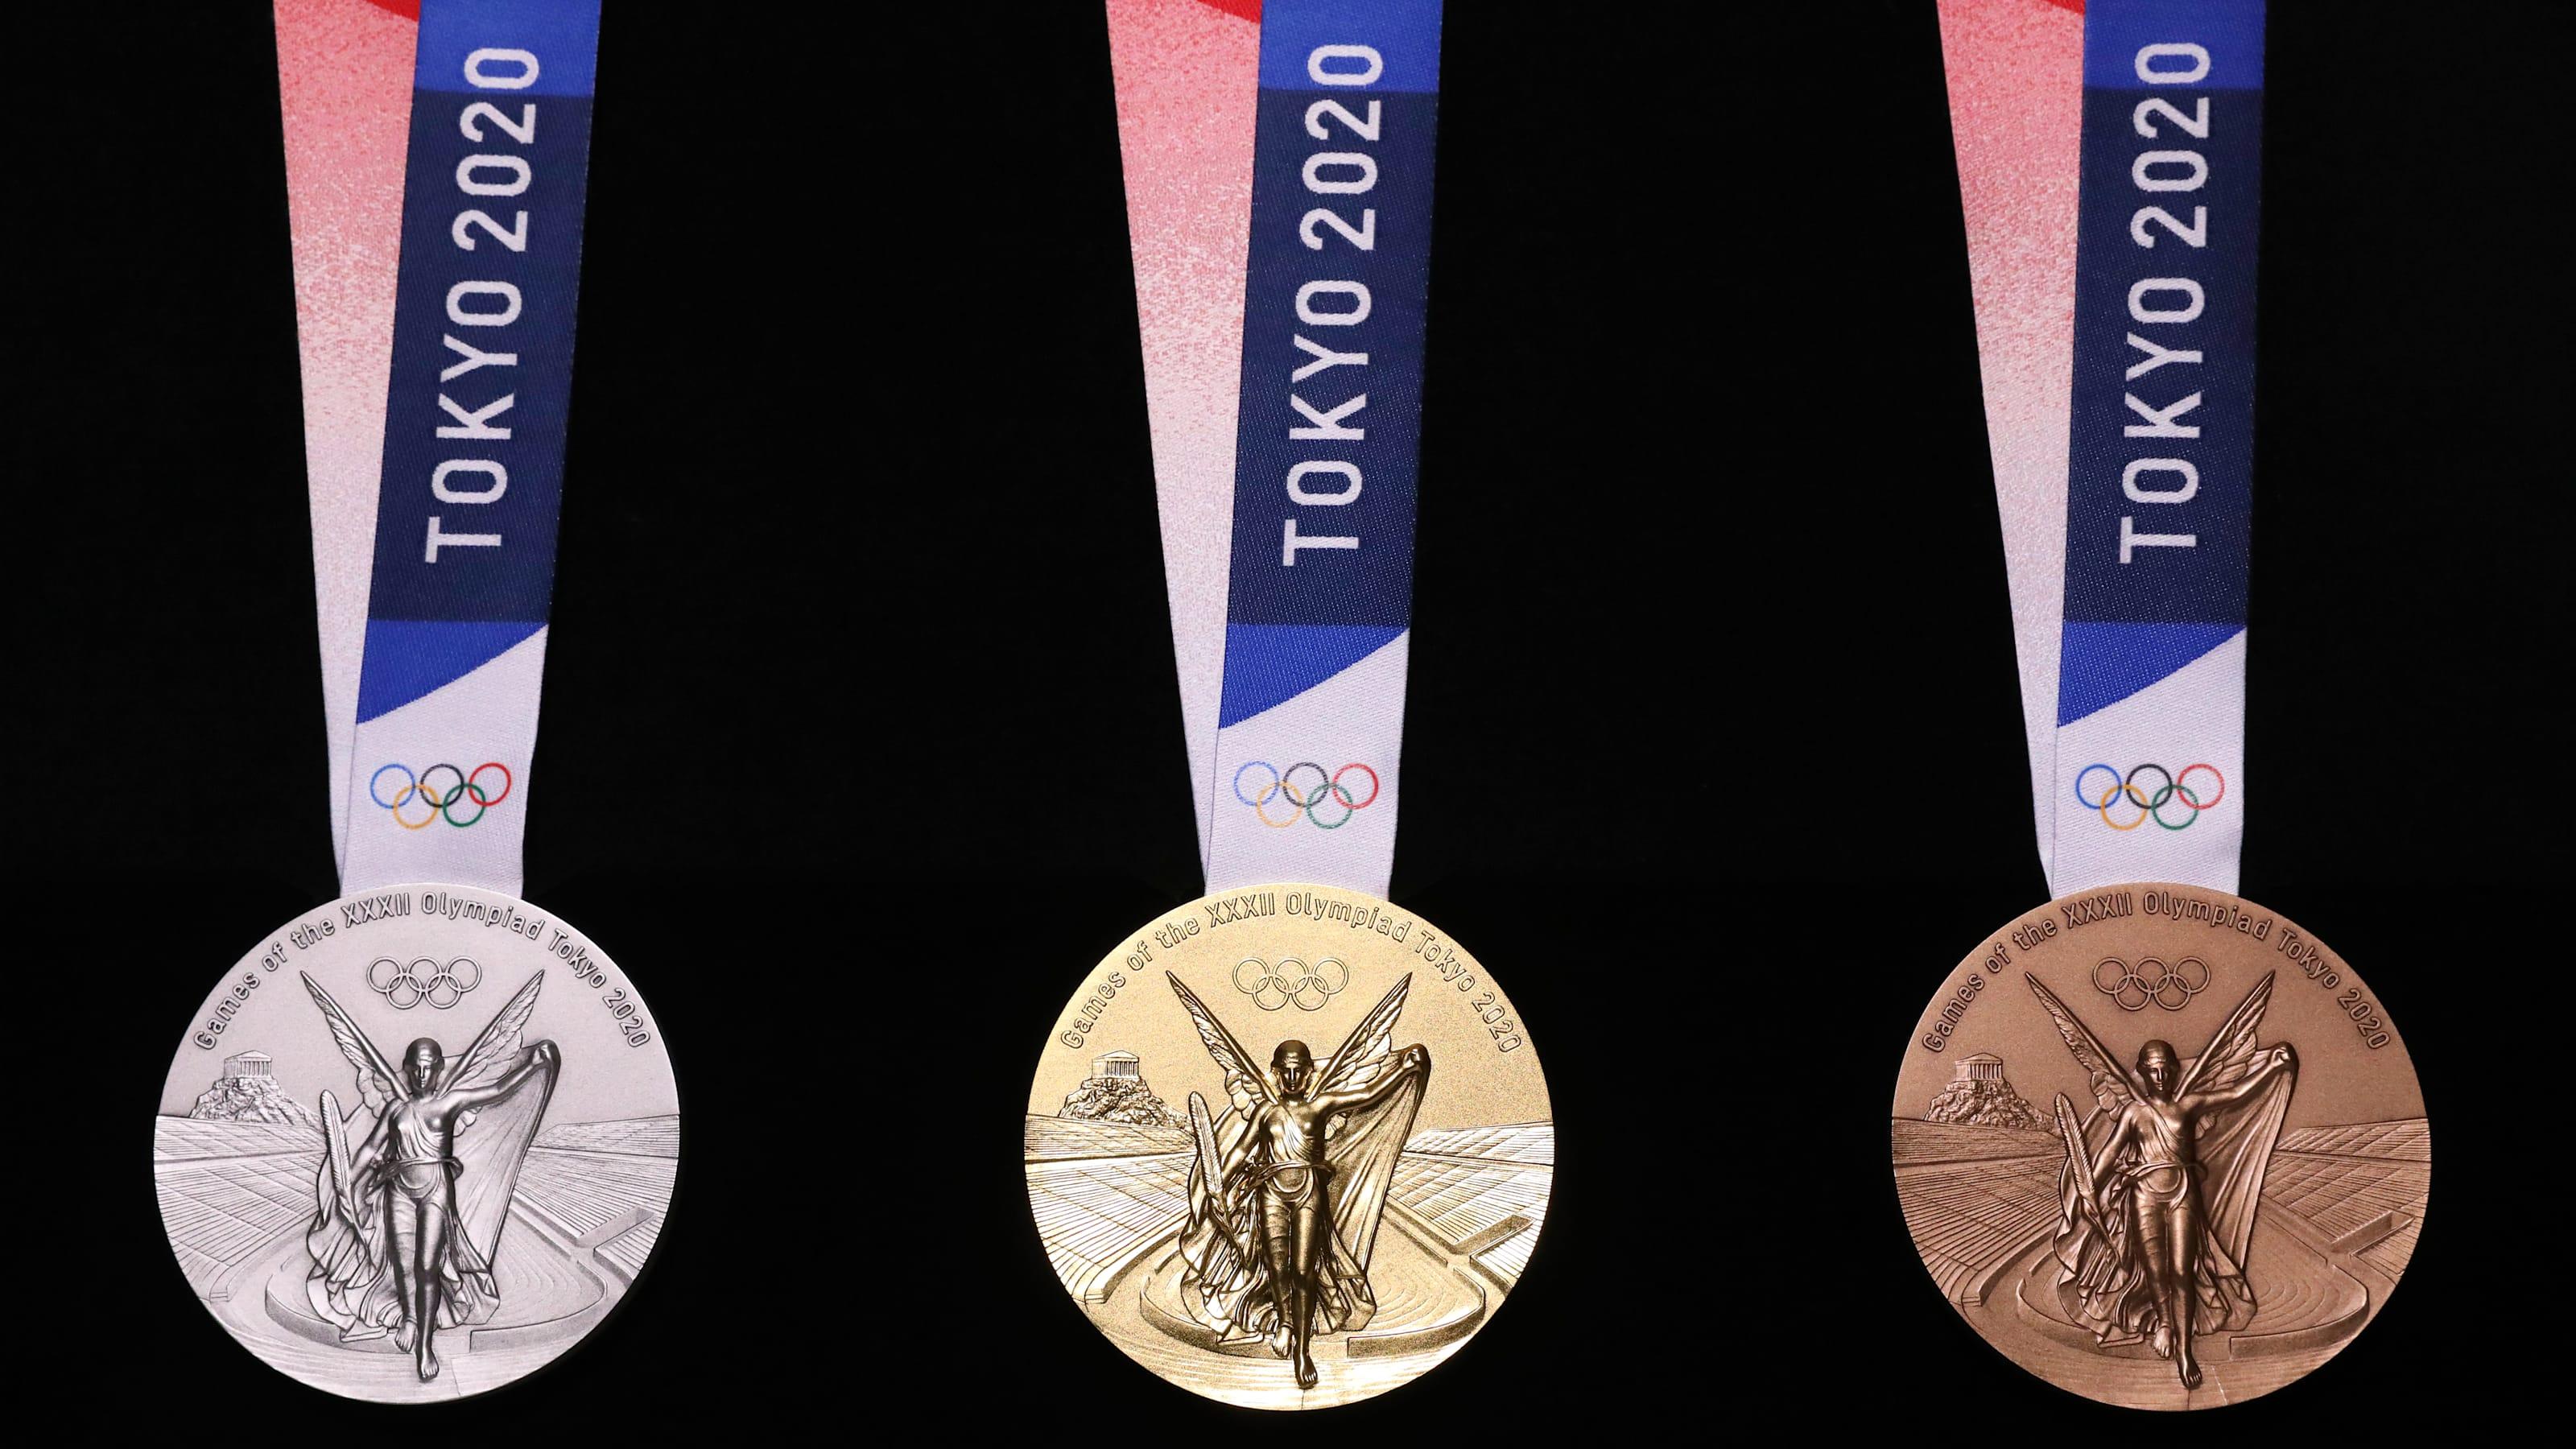 オリンピック シンボル 意味